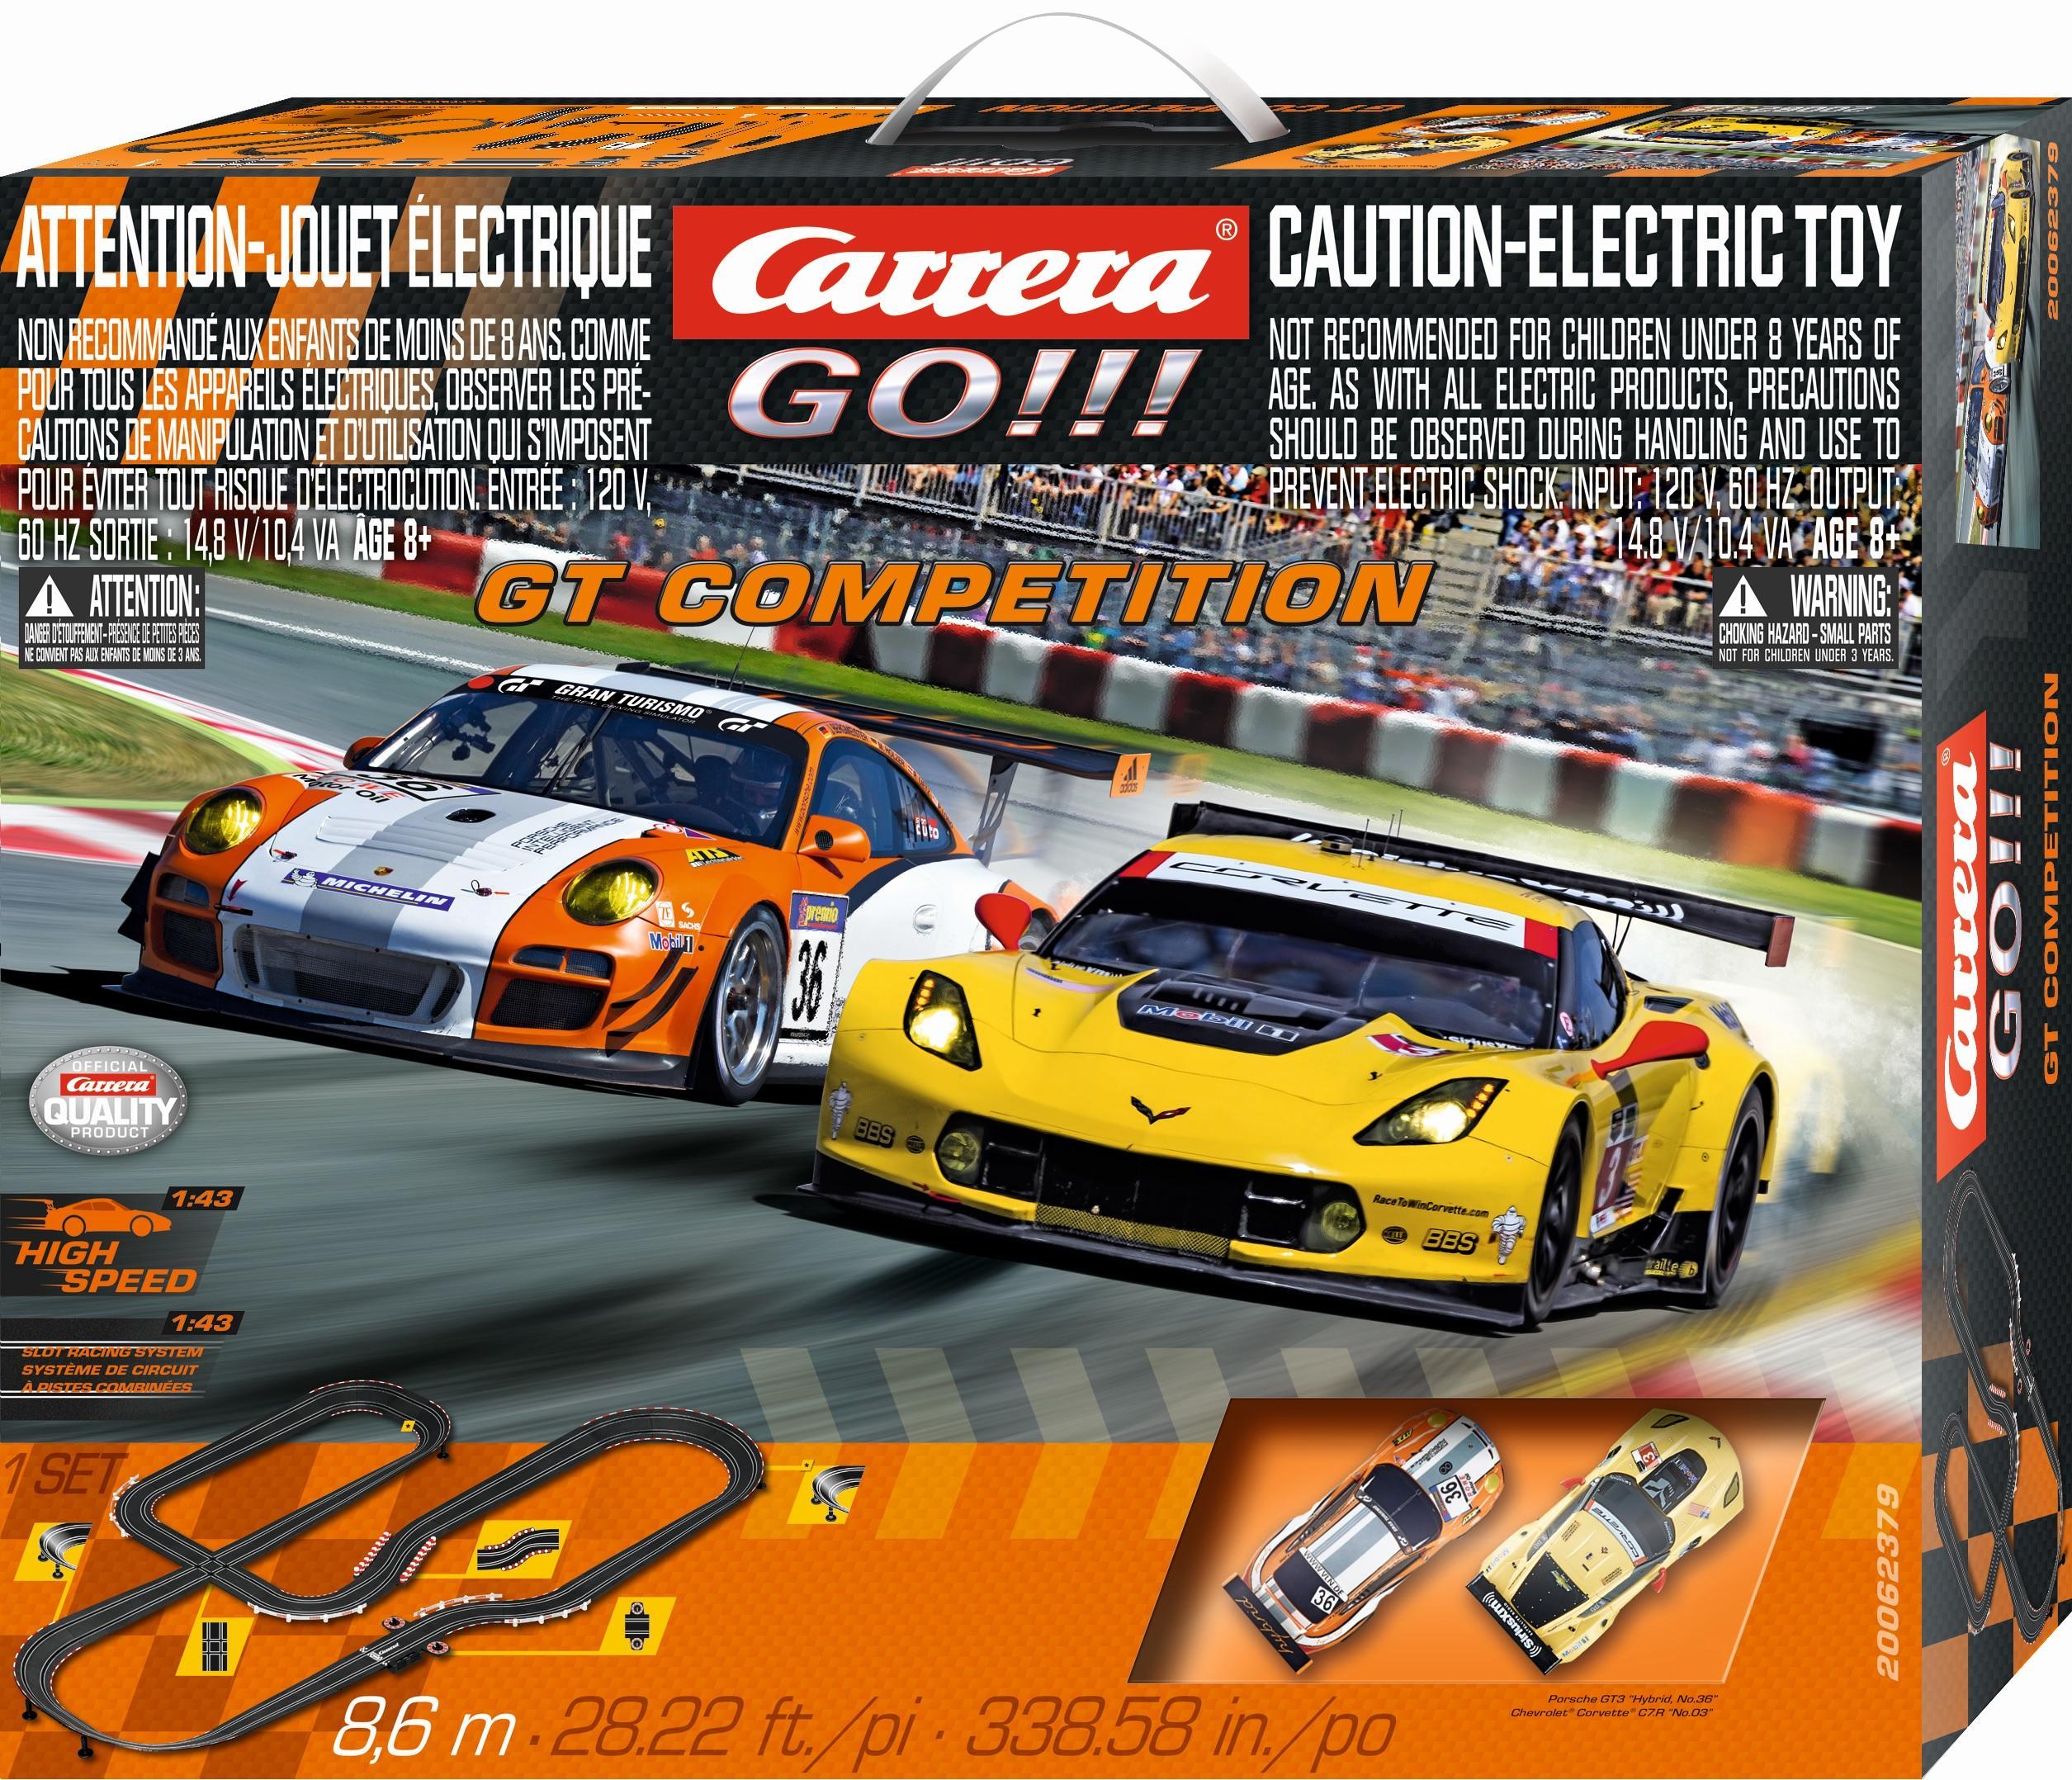 Amazon.com: Carrera GO!!! GT Competition 1:43 Scale